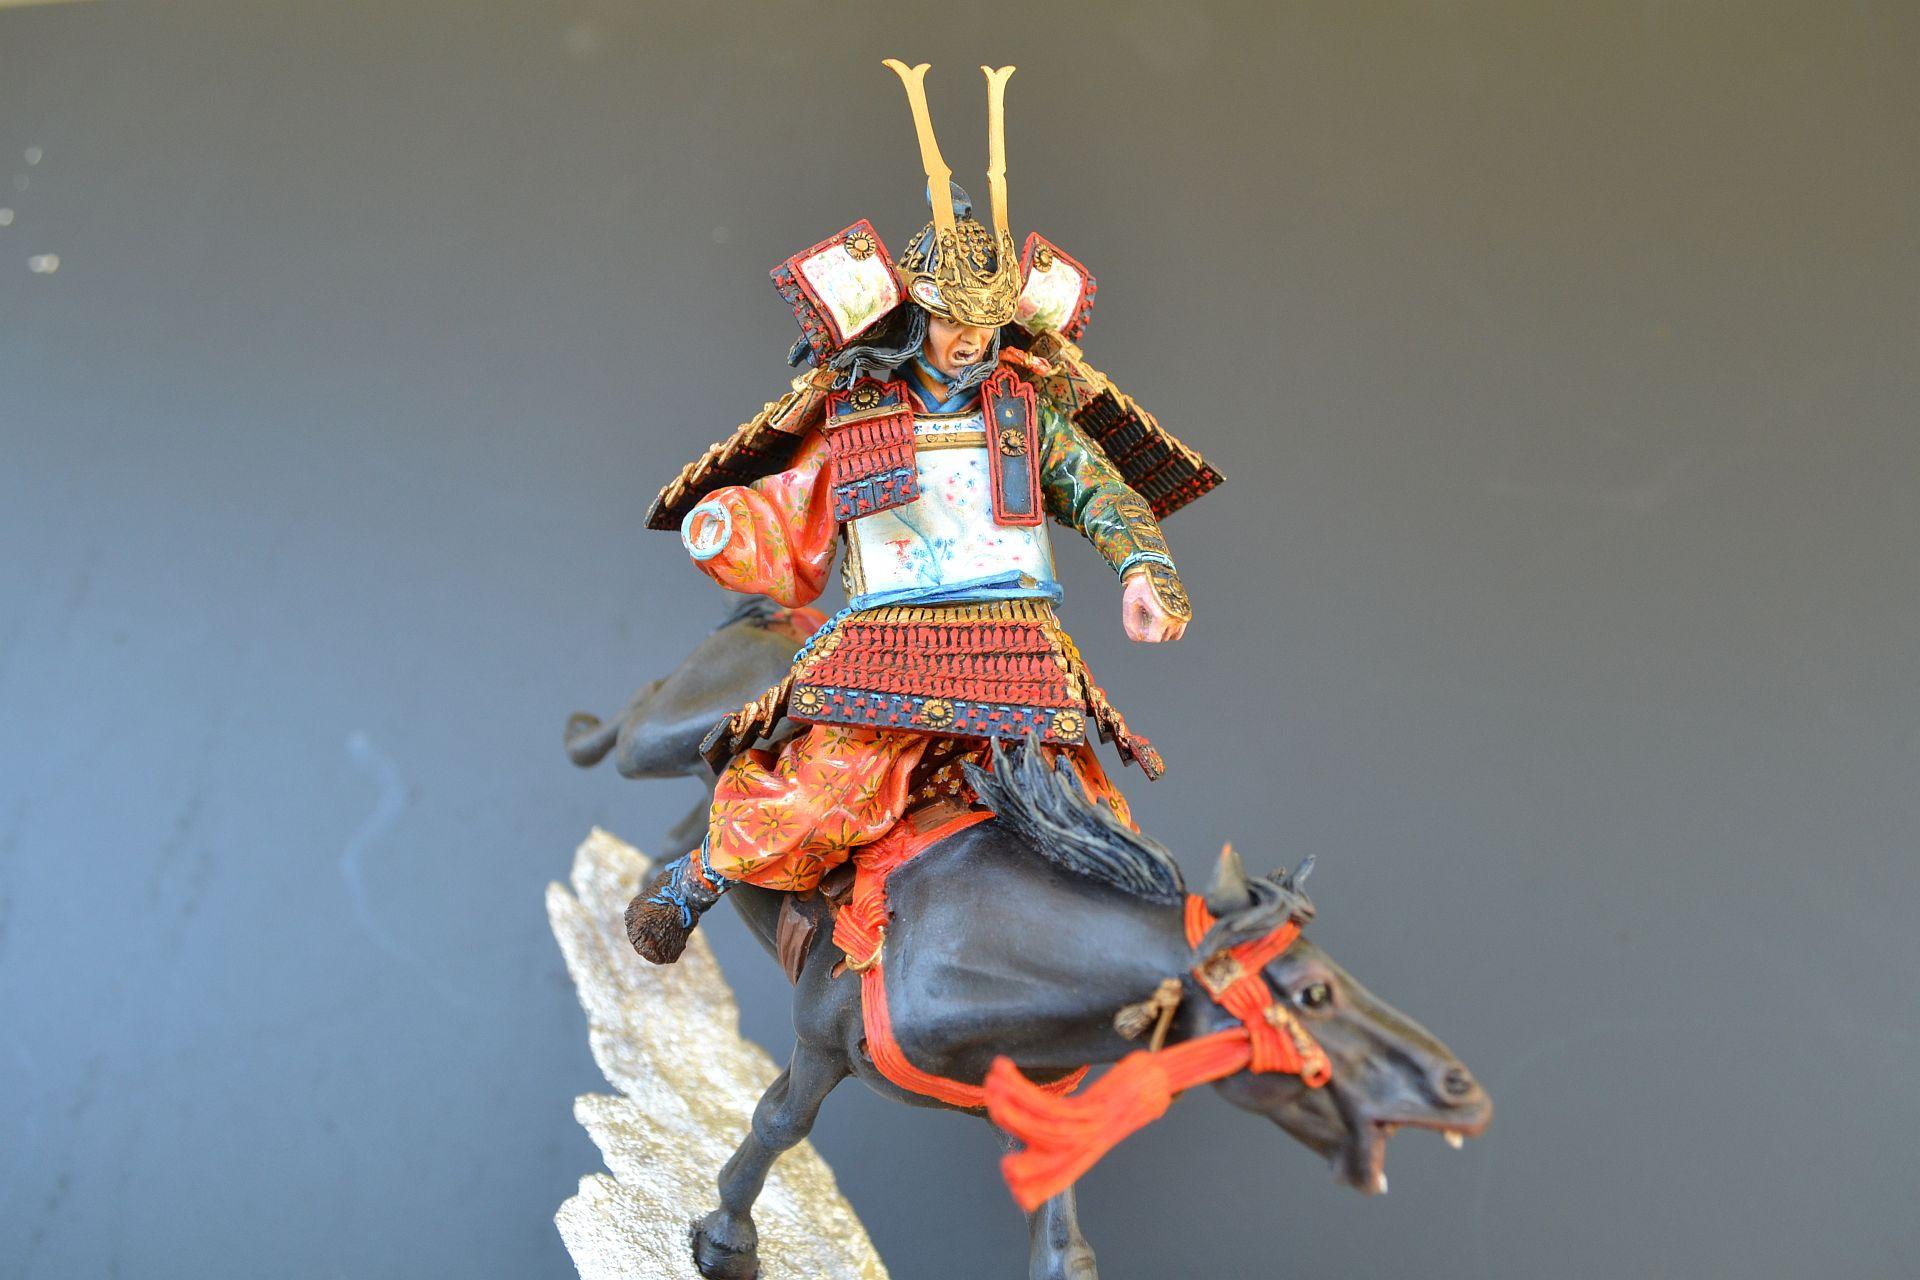 figurine pegaso - samouraï 90 mm - Page 3 160807053849798429